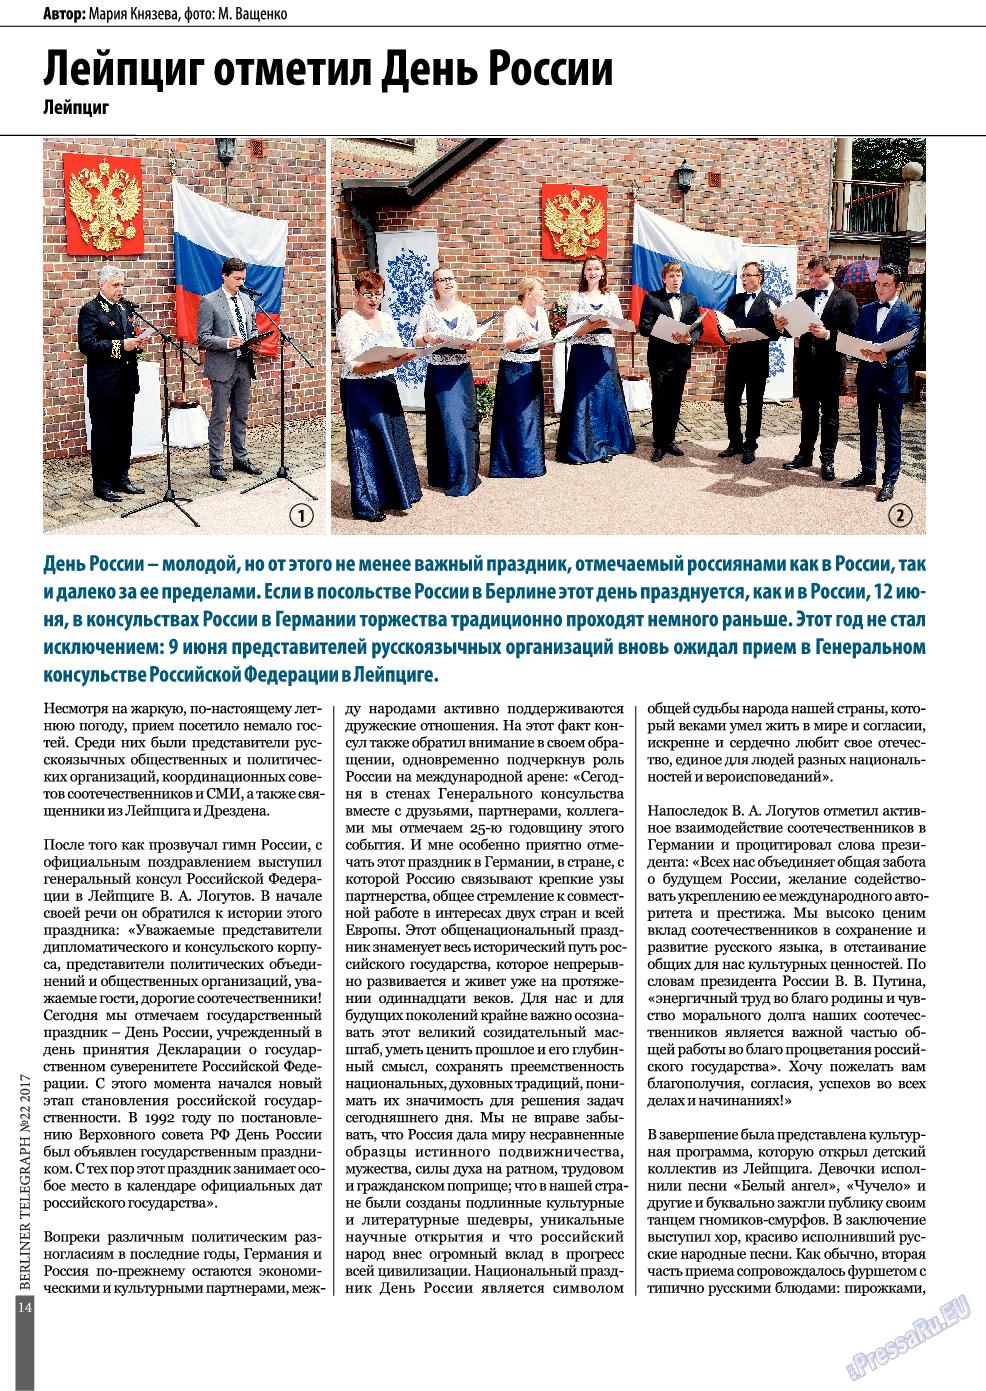 Берлинский телеграф (журнал). 2017 год, номер 22, стр. 14